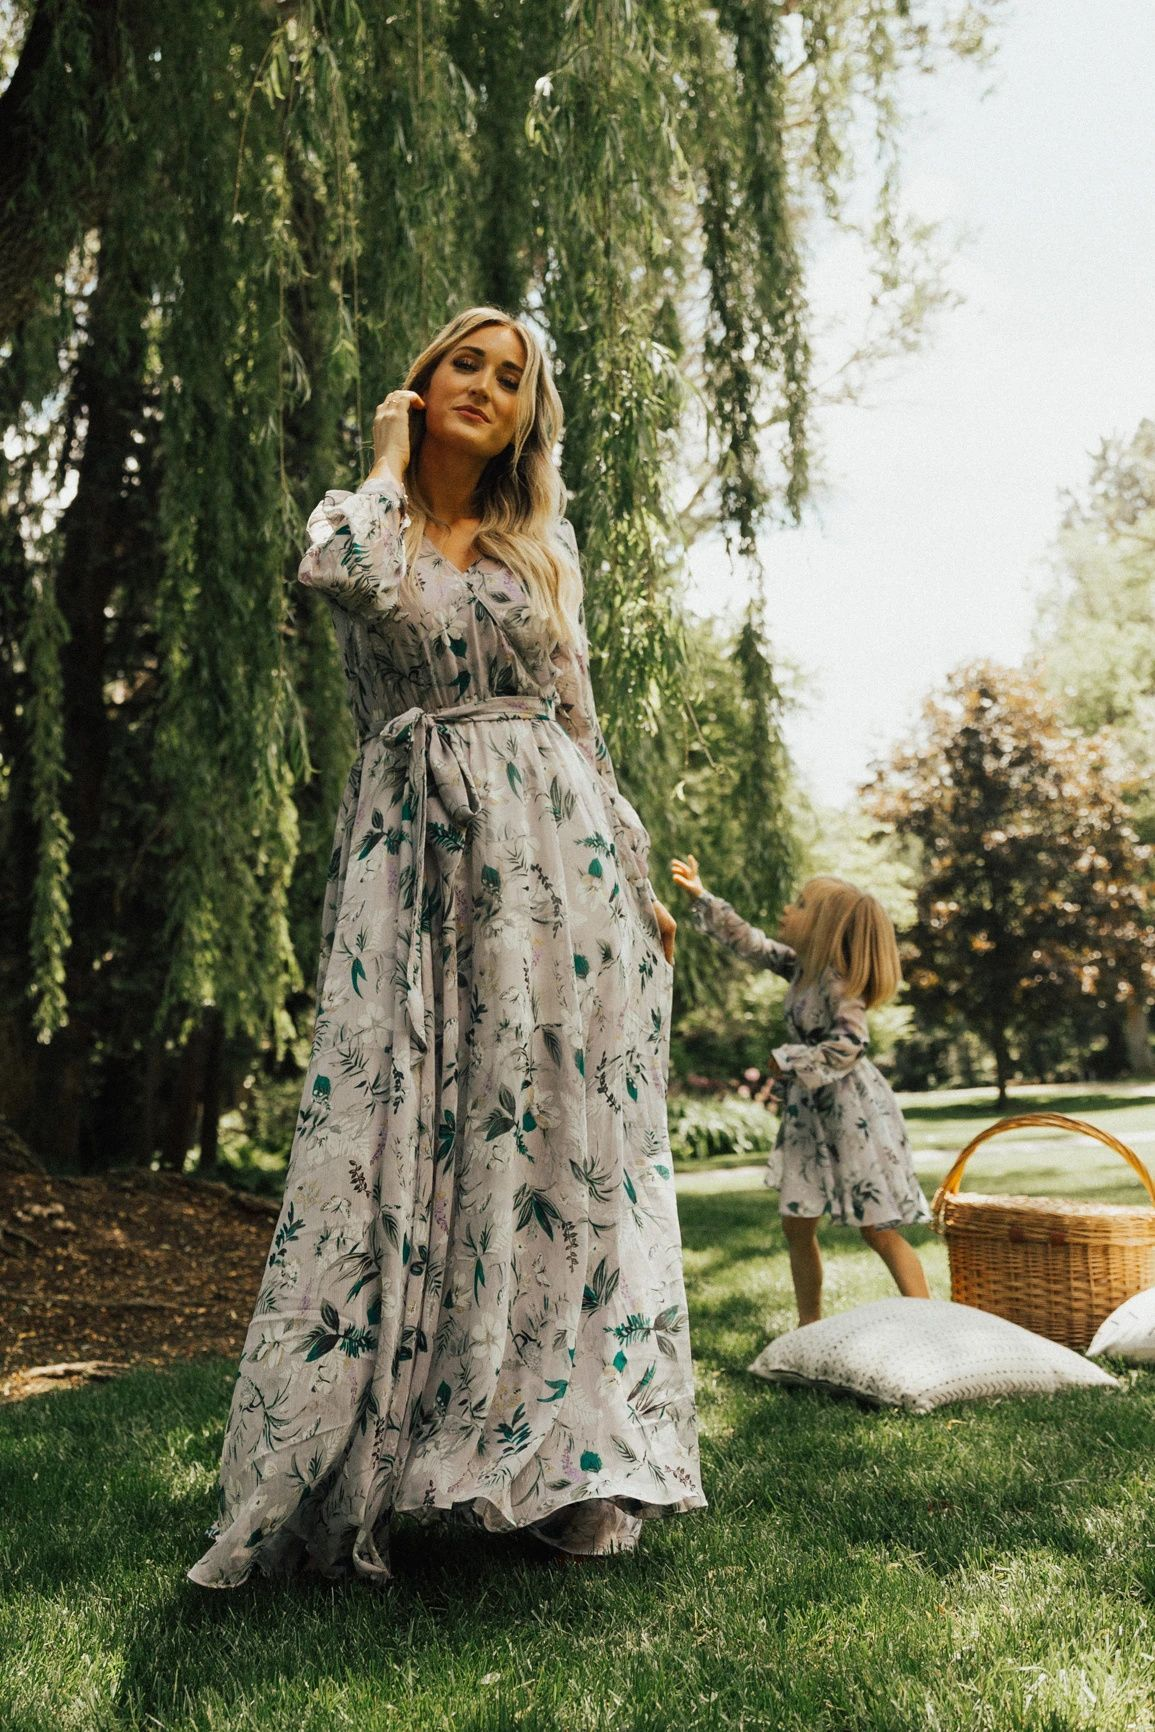 Maxi Dress For Summer And Fall 2020 Best Maxi Dresses Dresses Buy Maxi Dress [ 1732 x 1155 Pixel ]